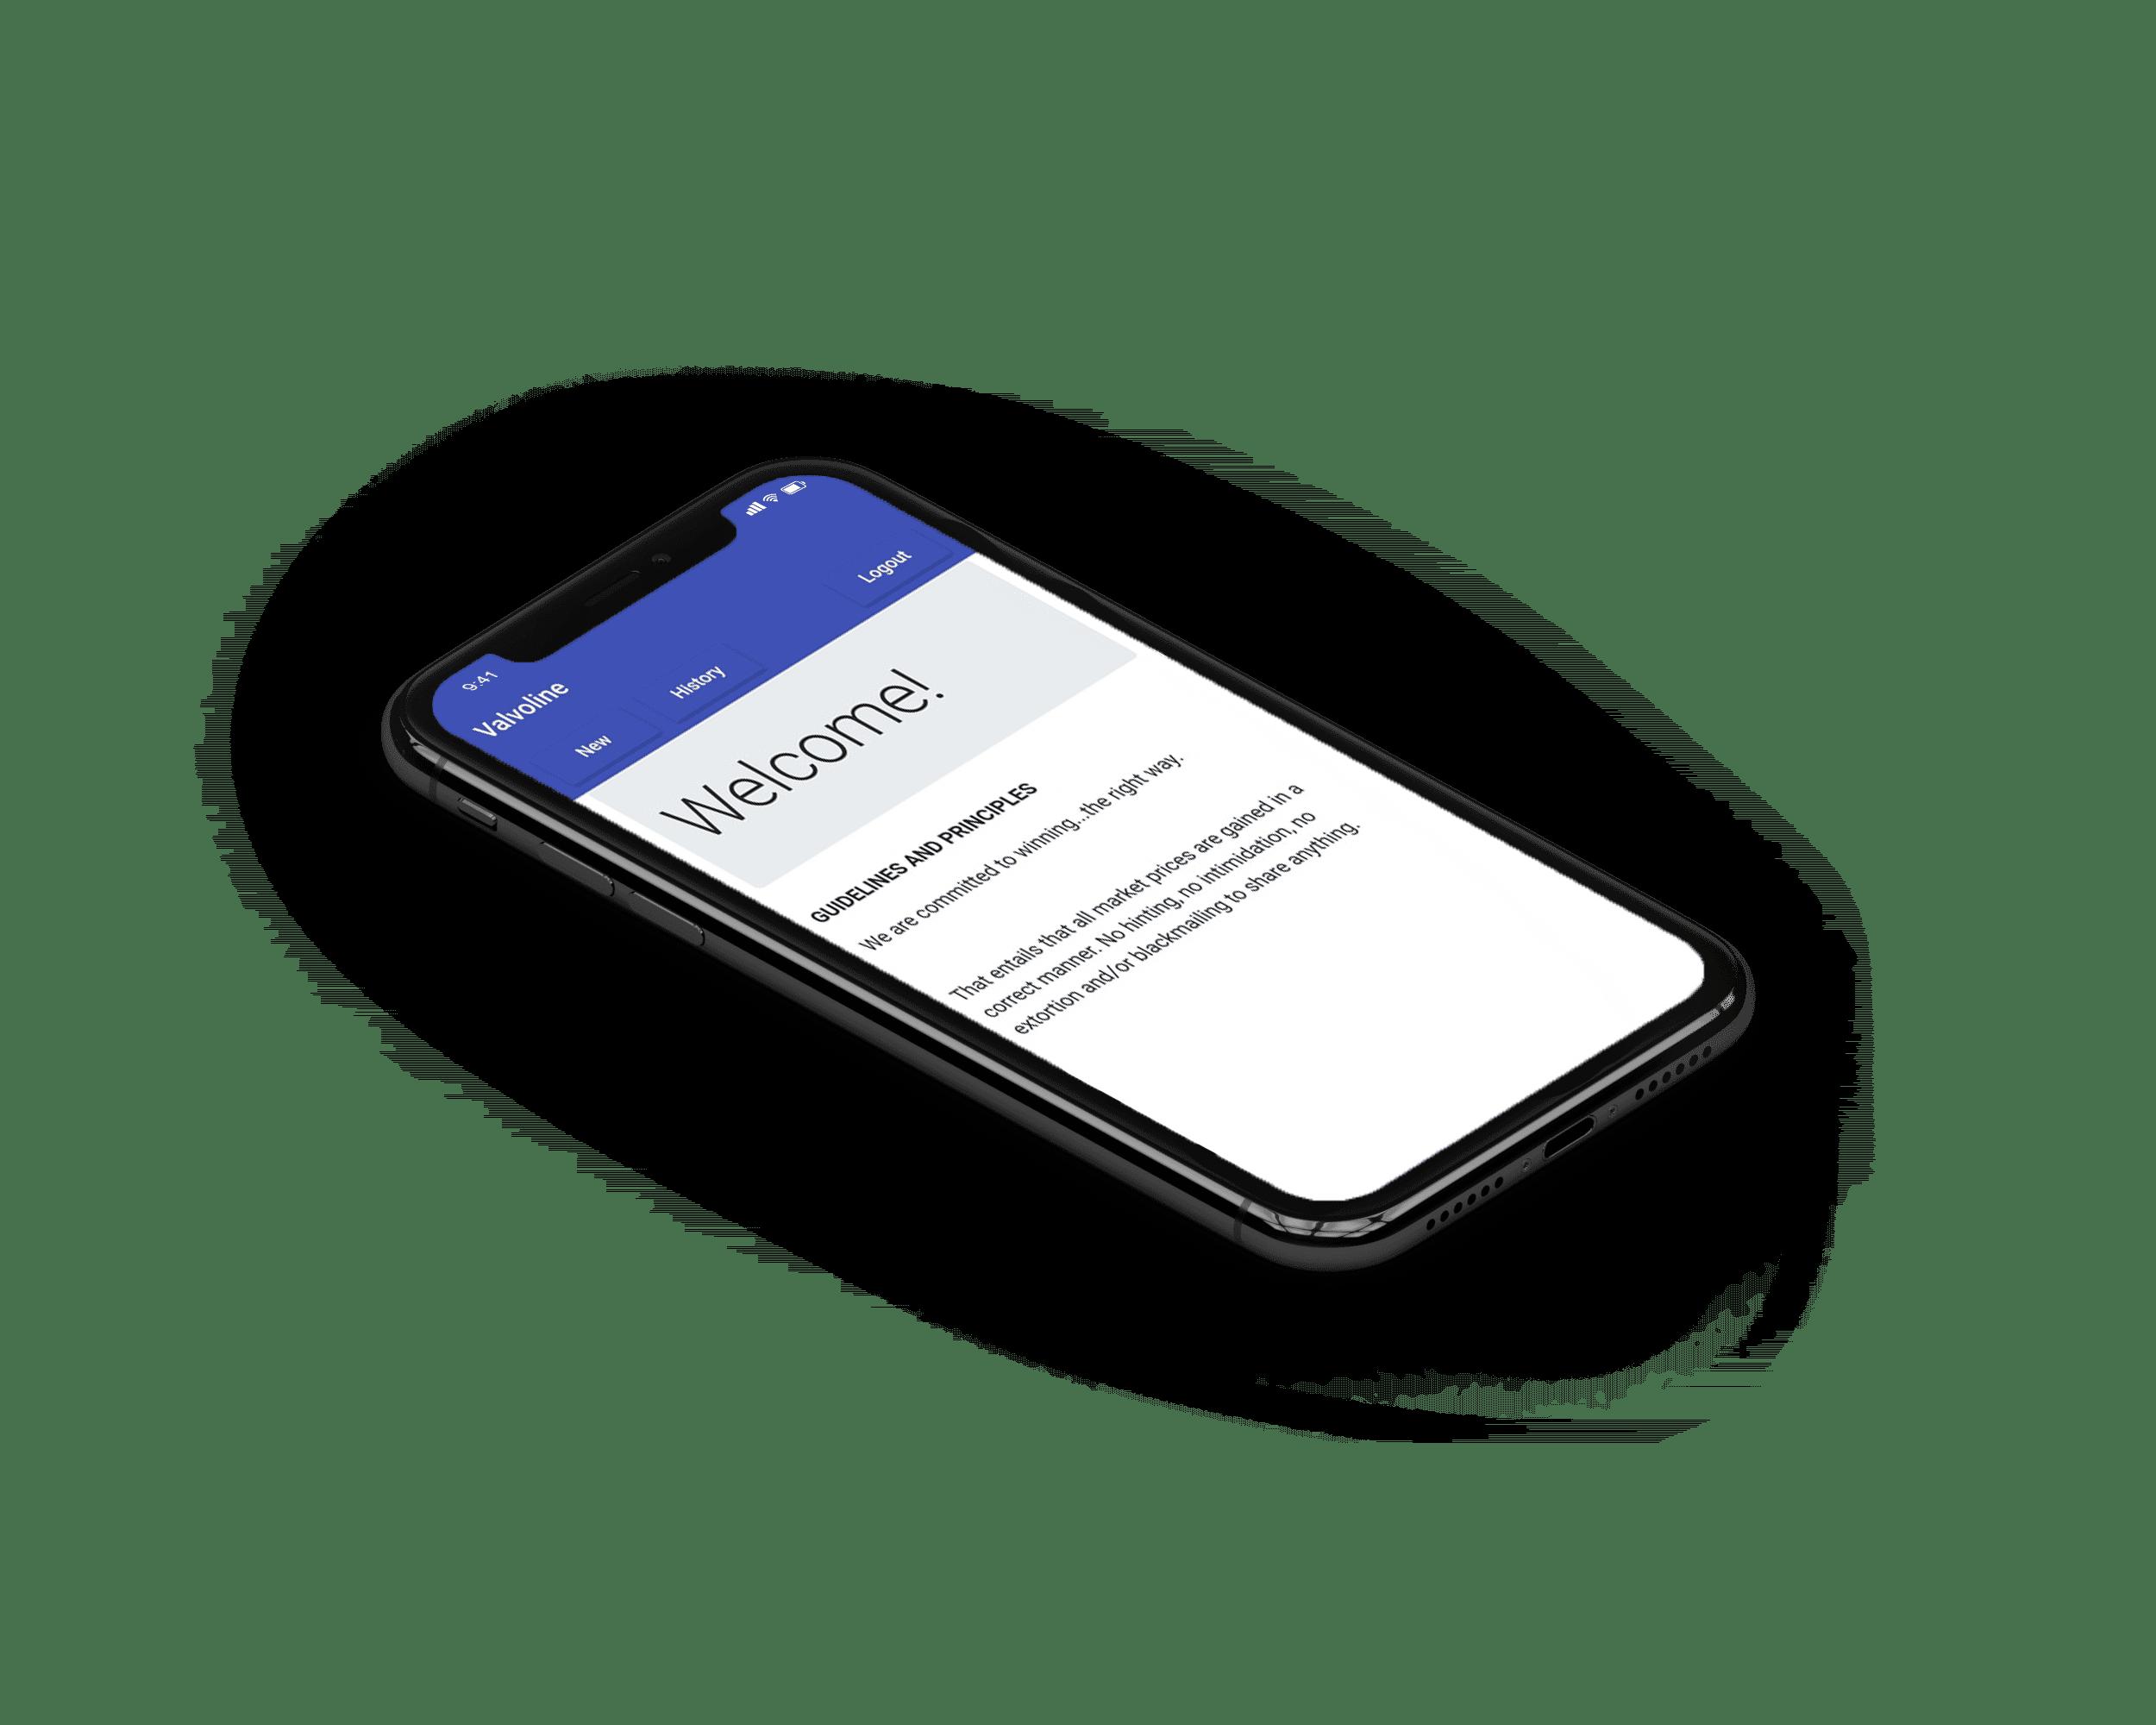 mobiele formulieren app voor ios en android